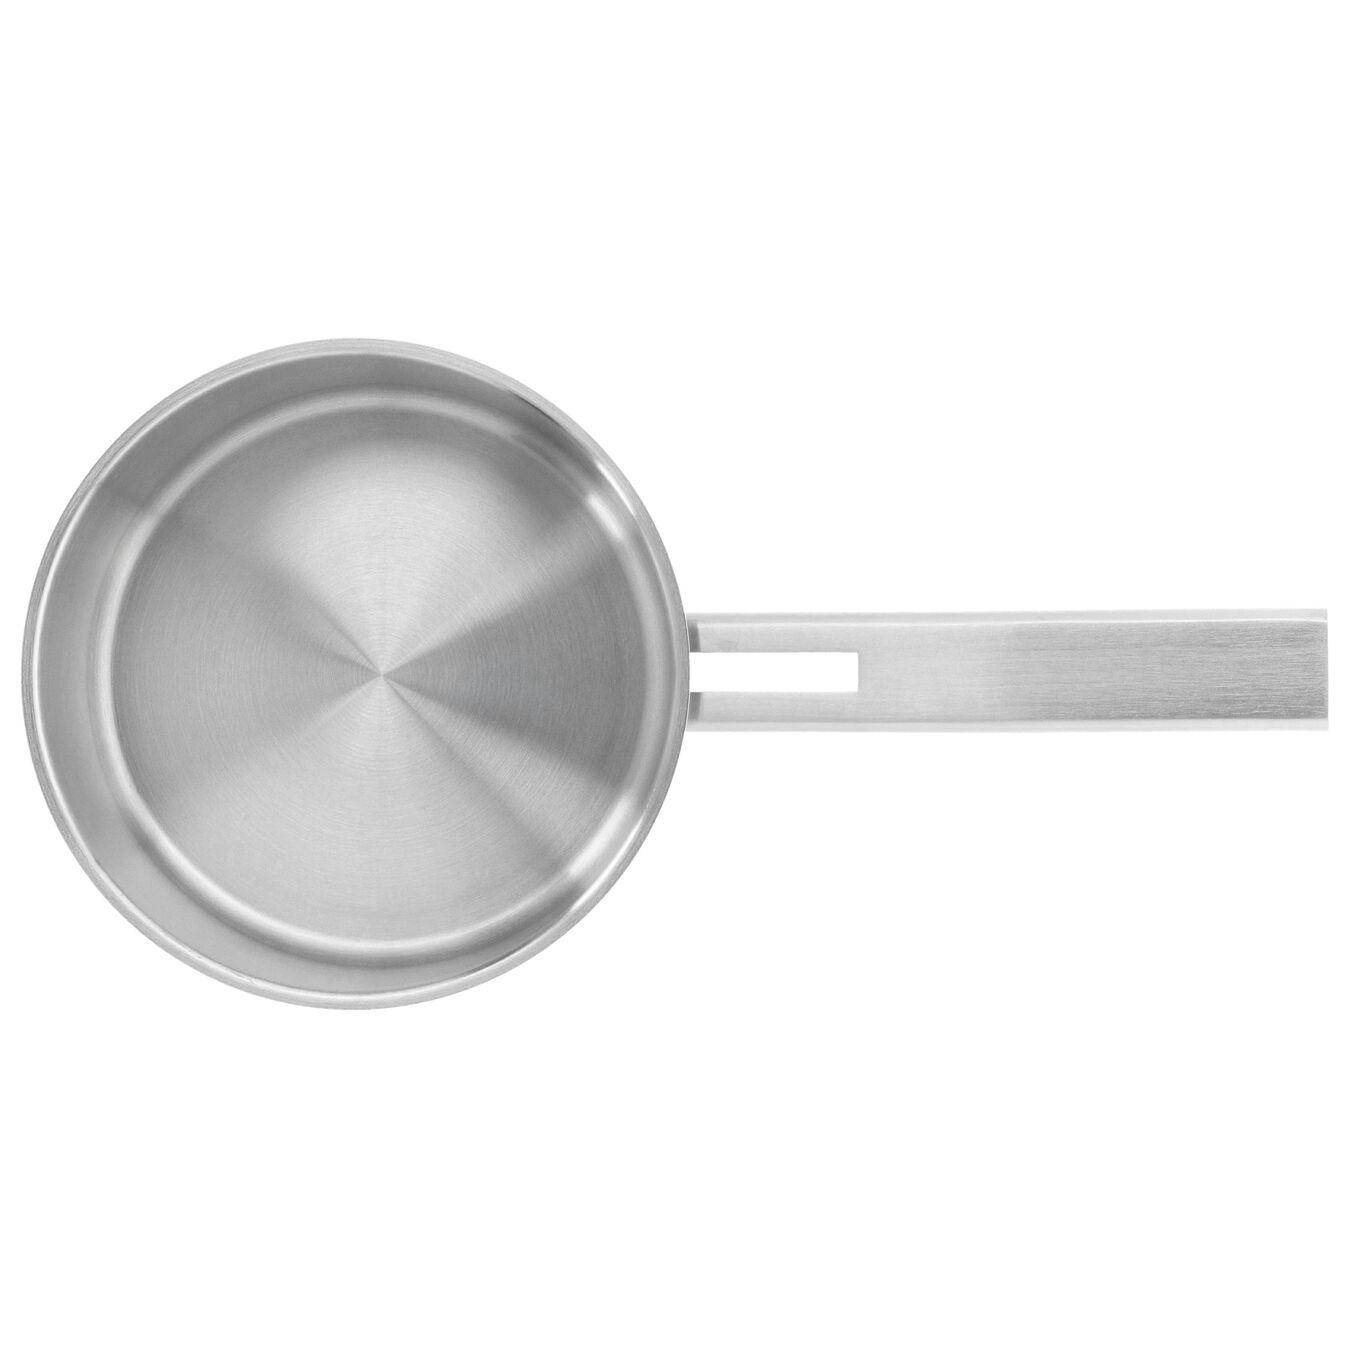 Stieltopf mit Deckel 18 cm, 18/10 Edelstahl, Silber,,large 2